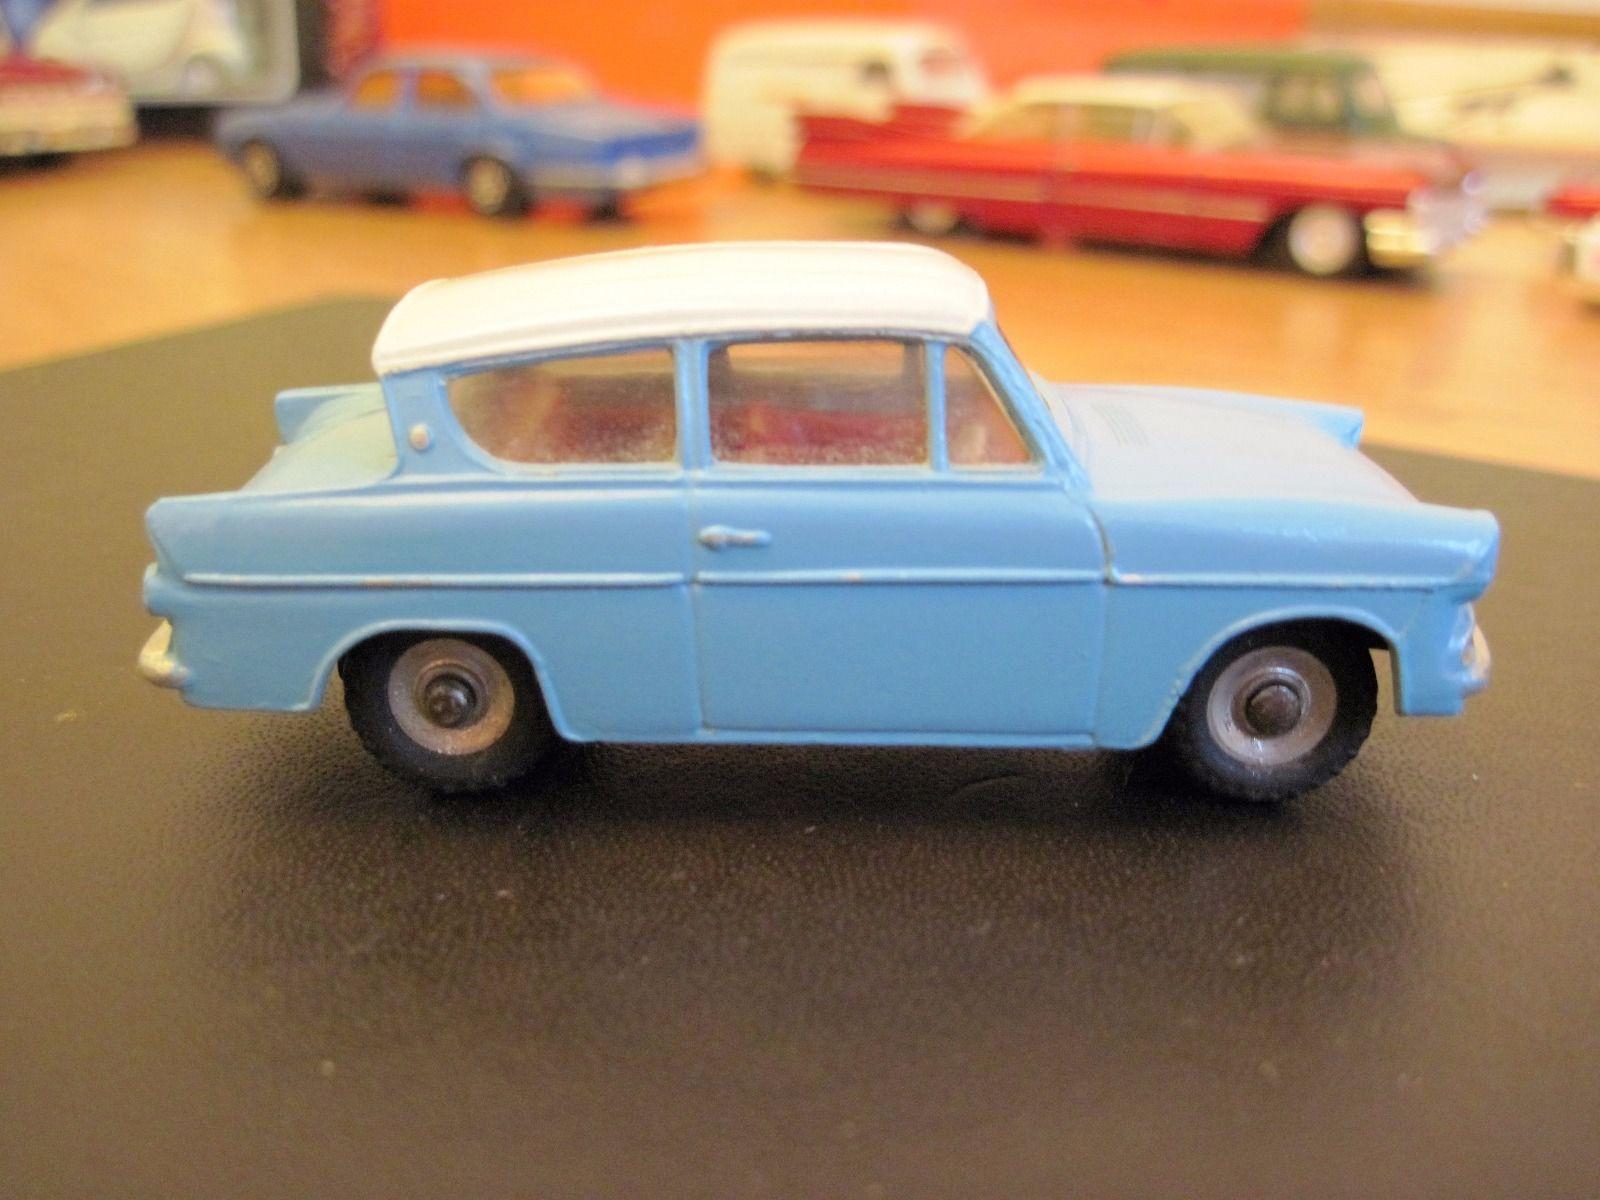 Dinky Toys Ford Anglia Ebay Ford Anglia Diecast Cars Toys